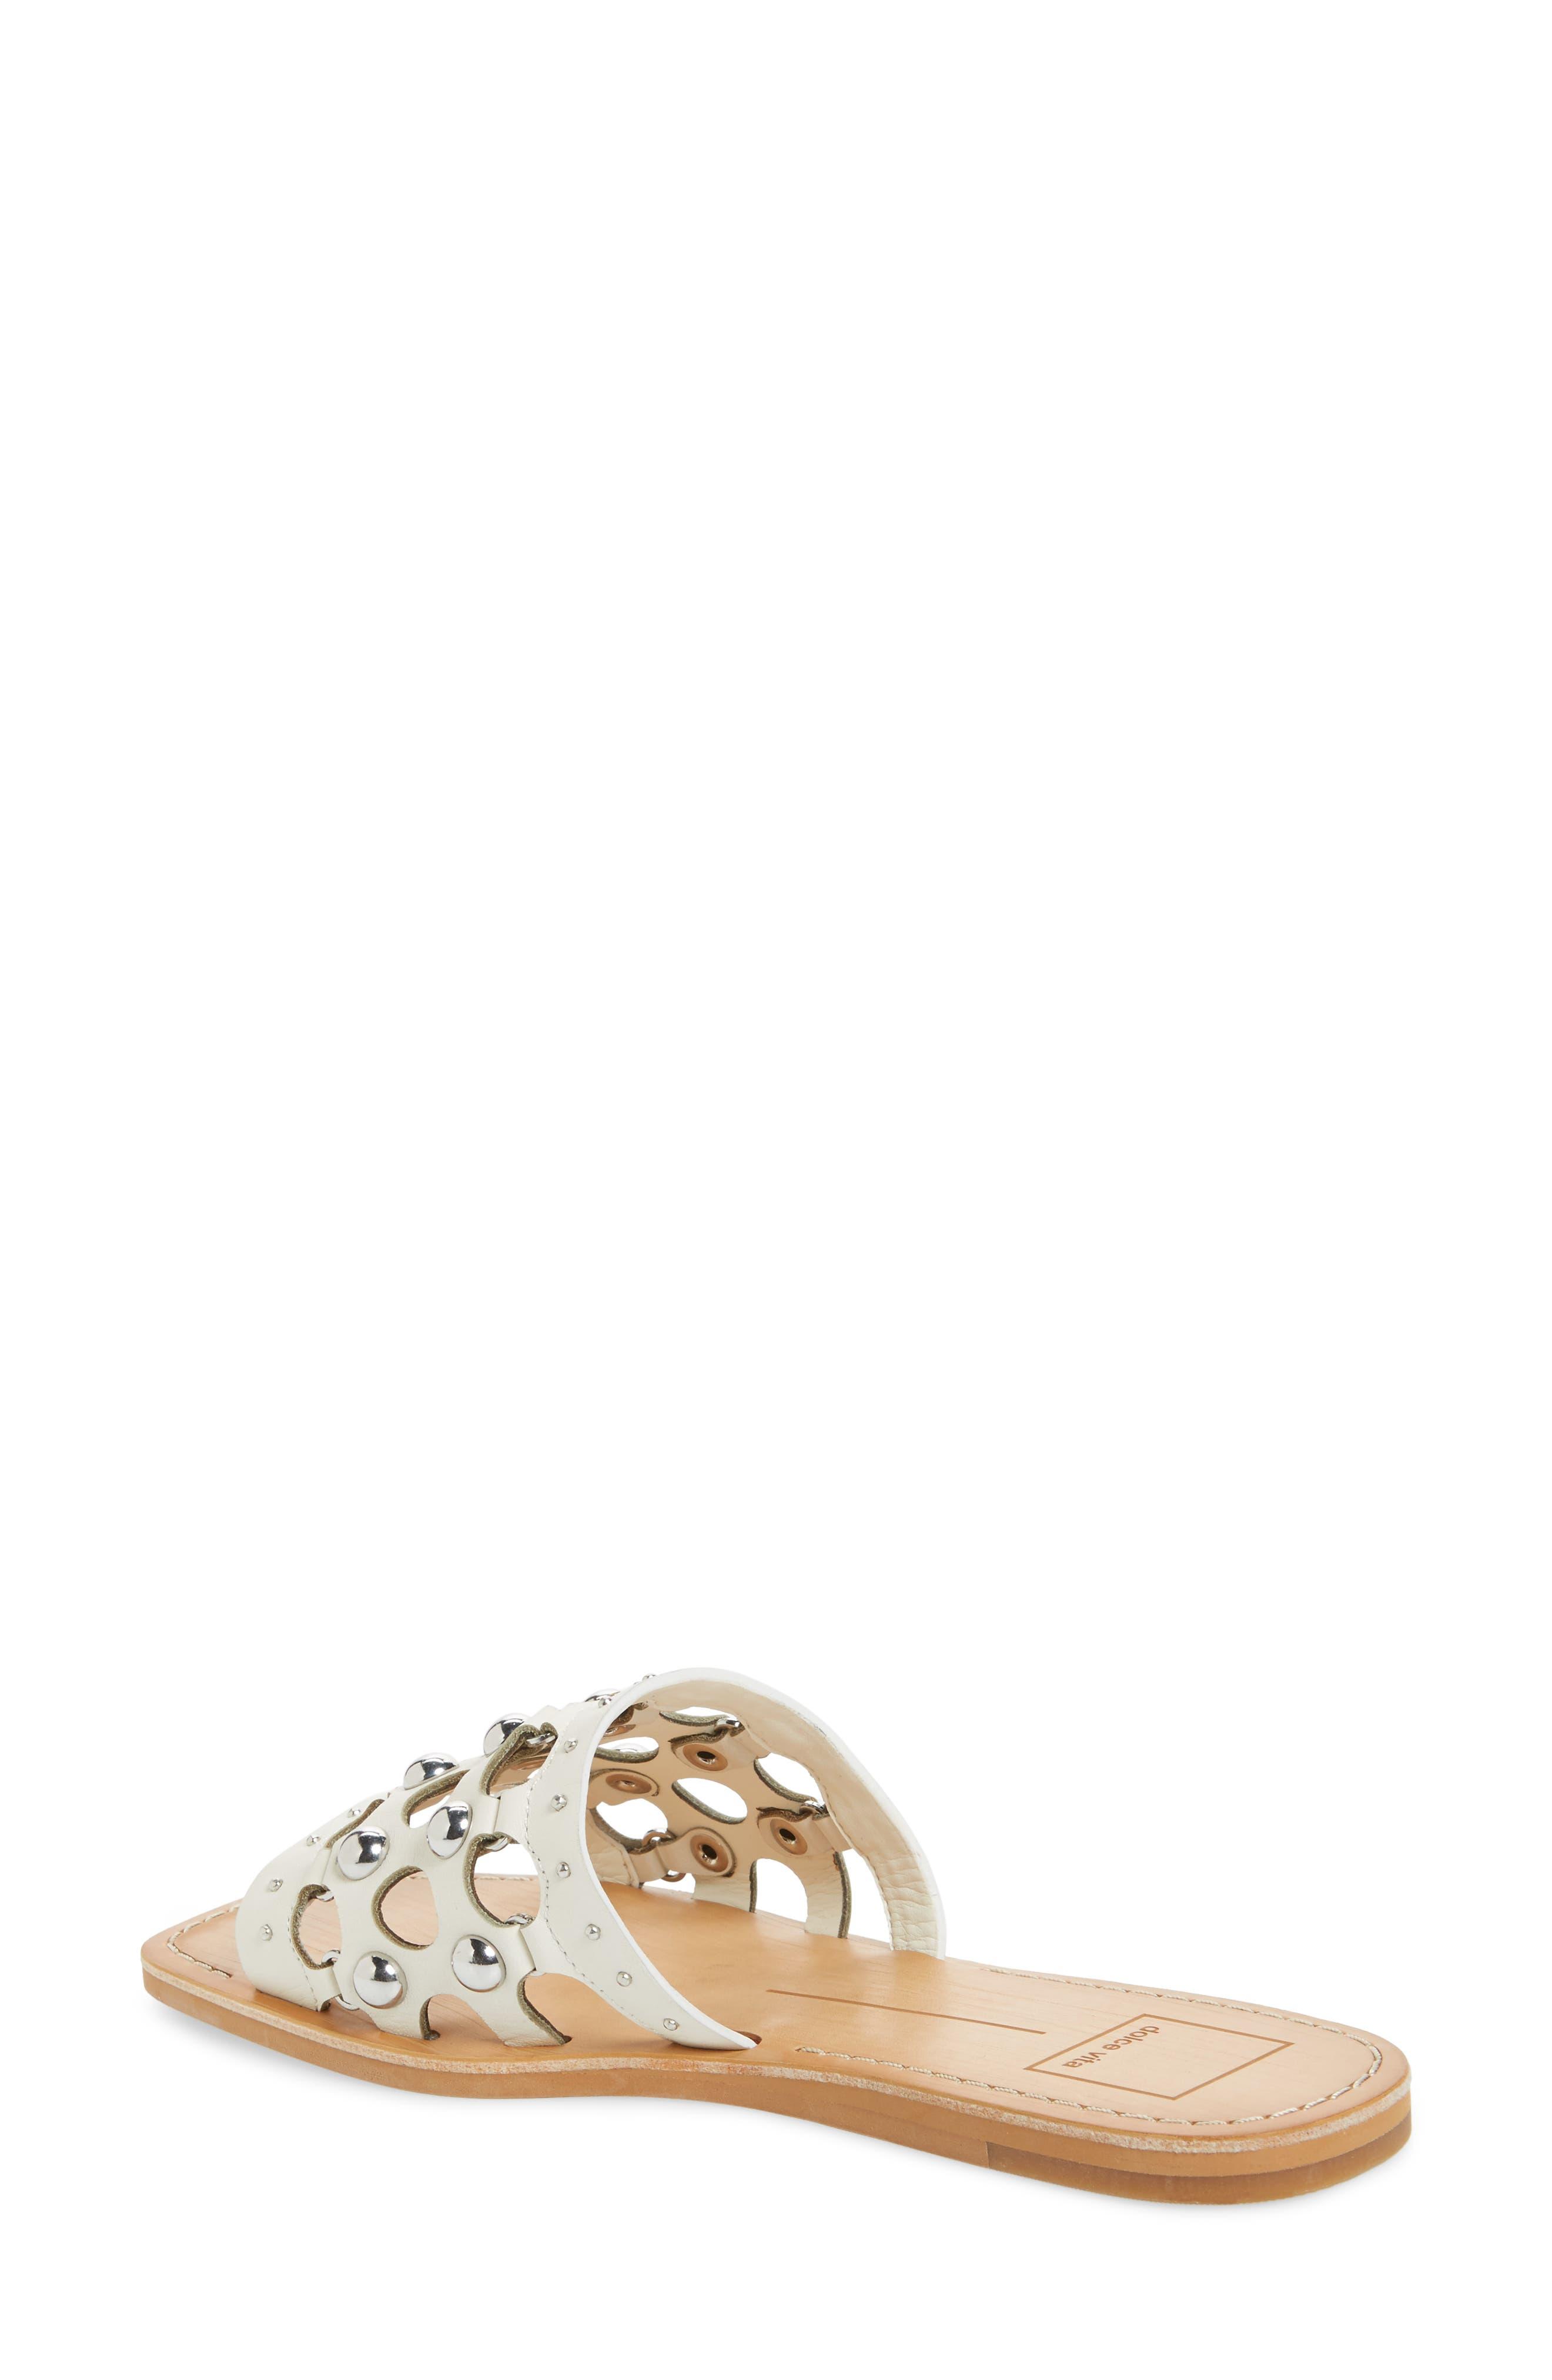 Celita Perforated Studded Slide Sandal,                             Alternate thumbnail 2, color,                             White